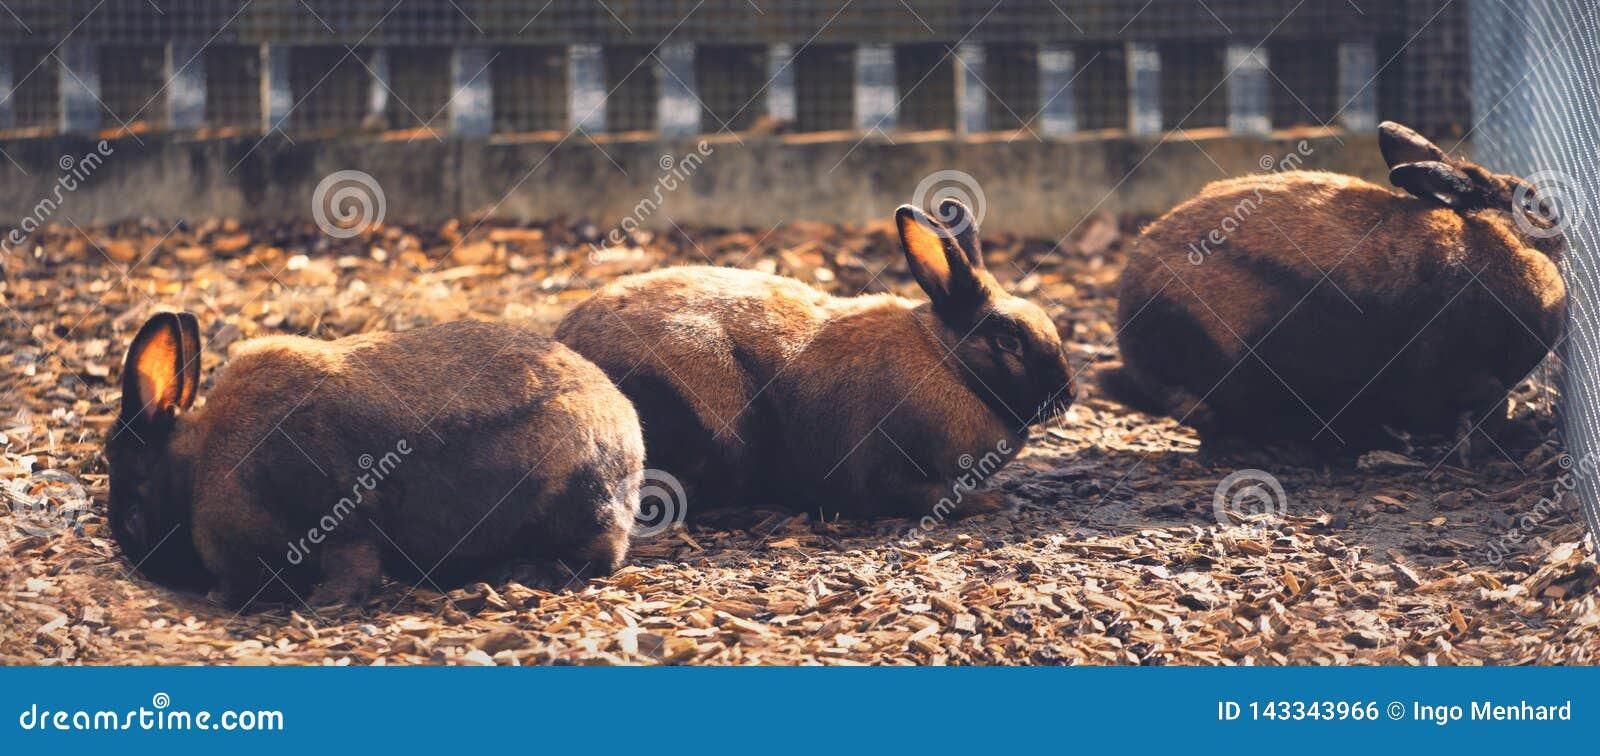 Группа в составе коричневые кролики за загородкой